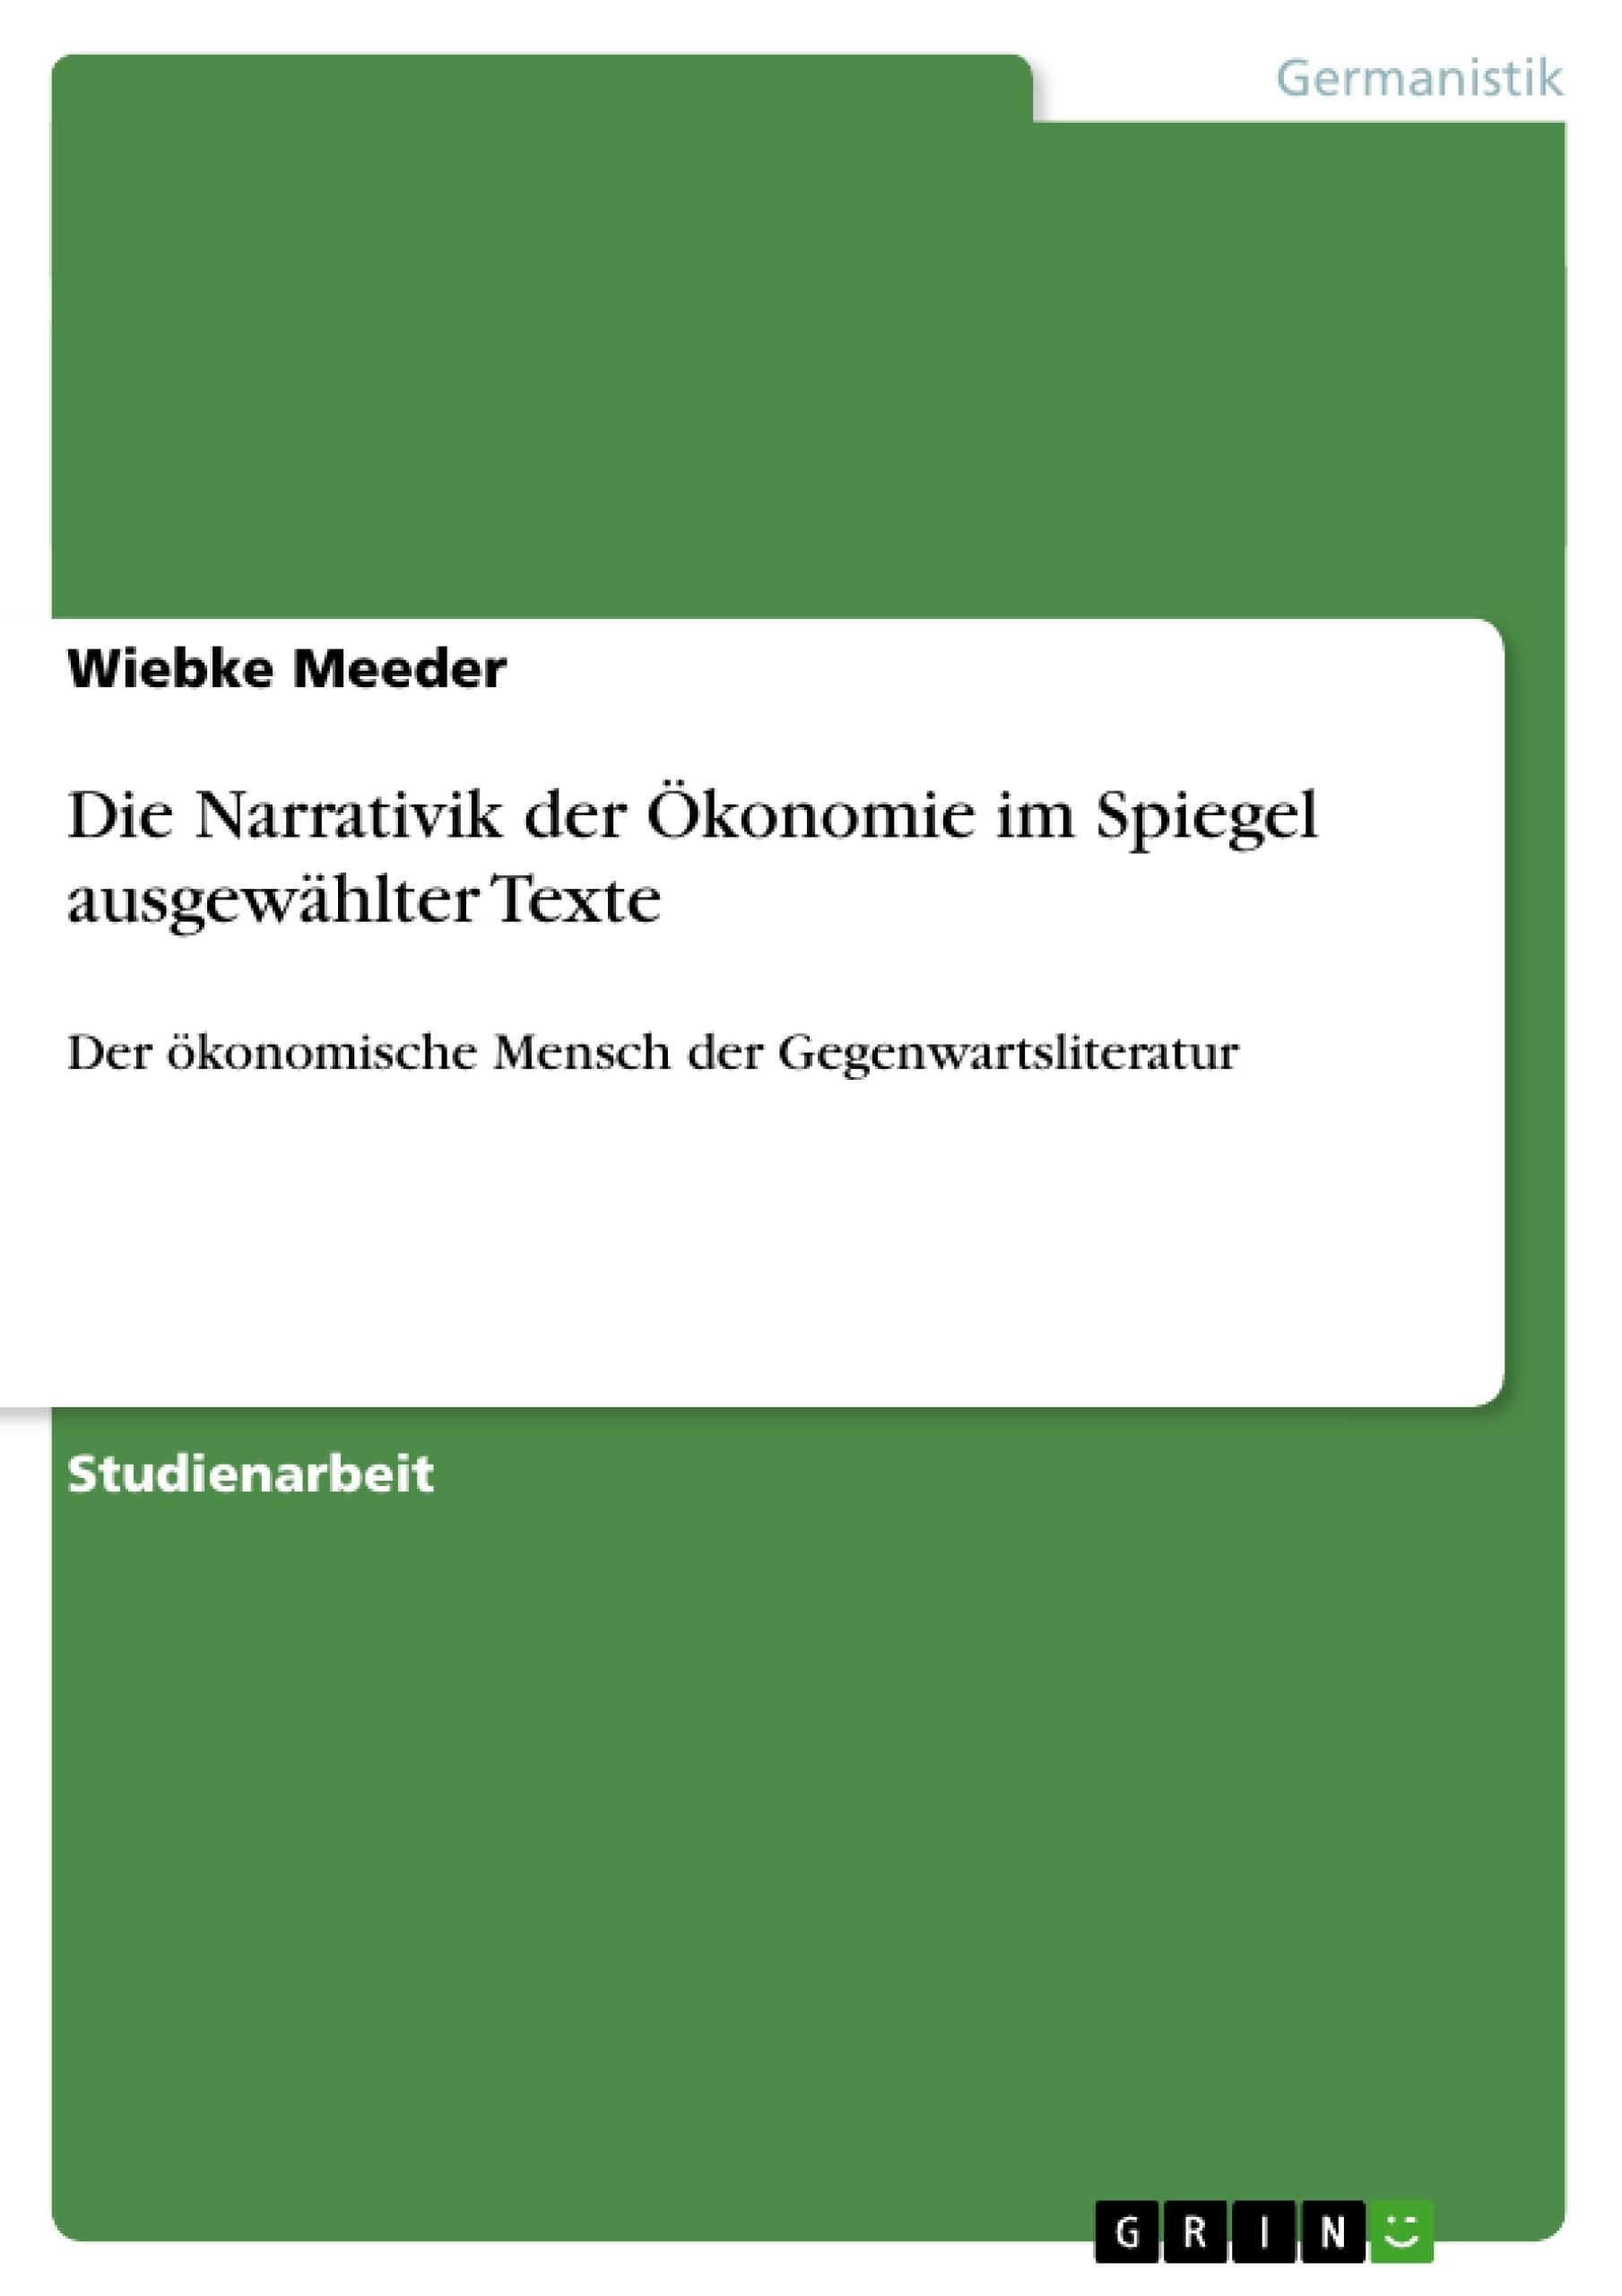 Titel: Die Narrativik der Ökonomie im Spiegel ausgewählter Texte